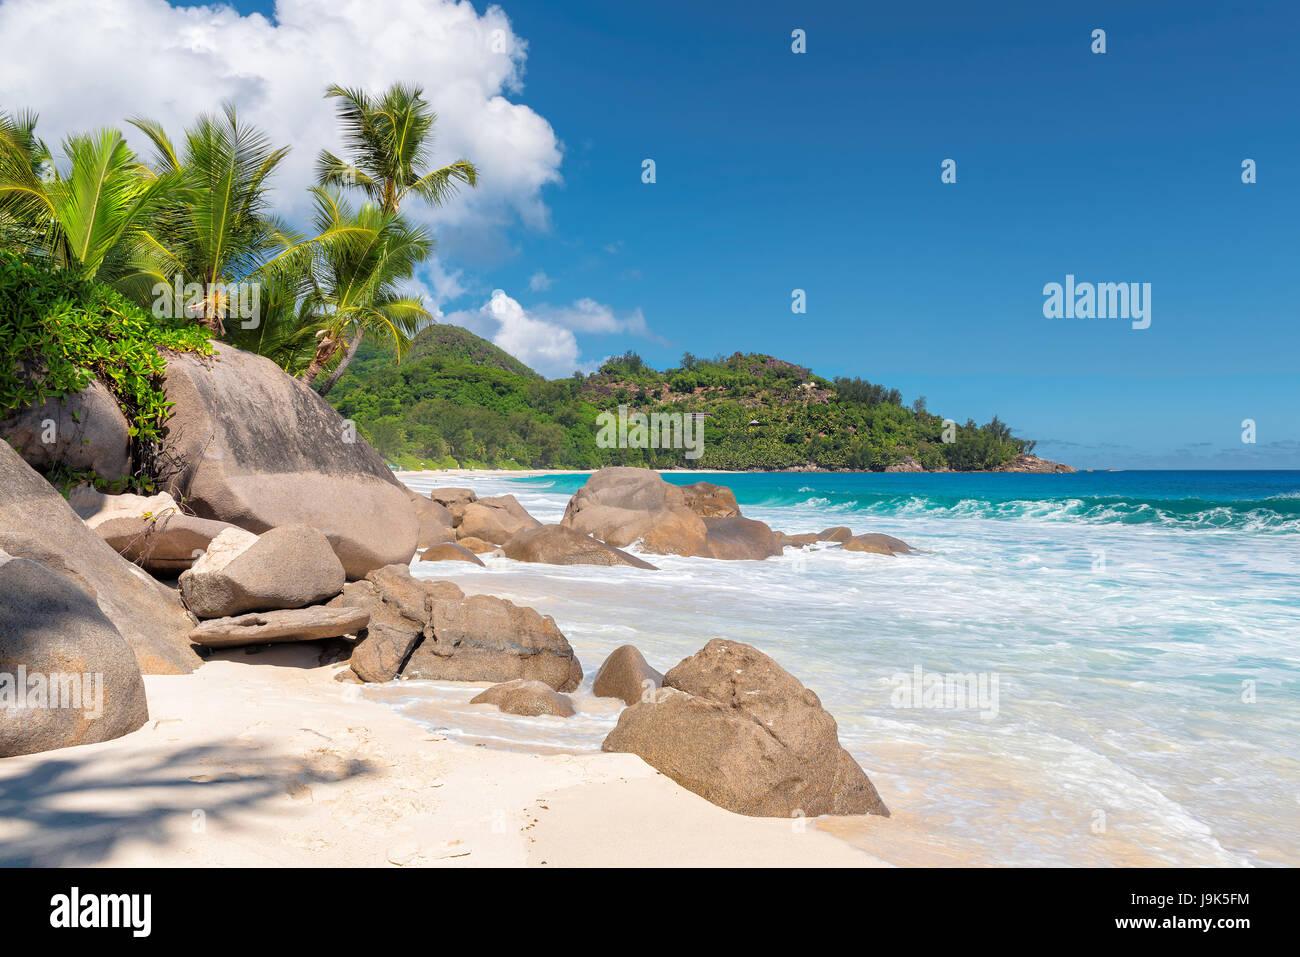 Excellente plage plages tropicales, Intendance, l'île de Mahé, Seychelles. Photo Stock